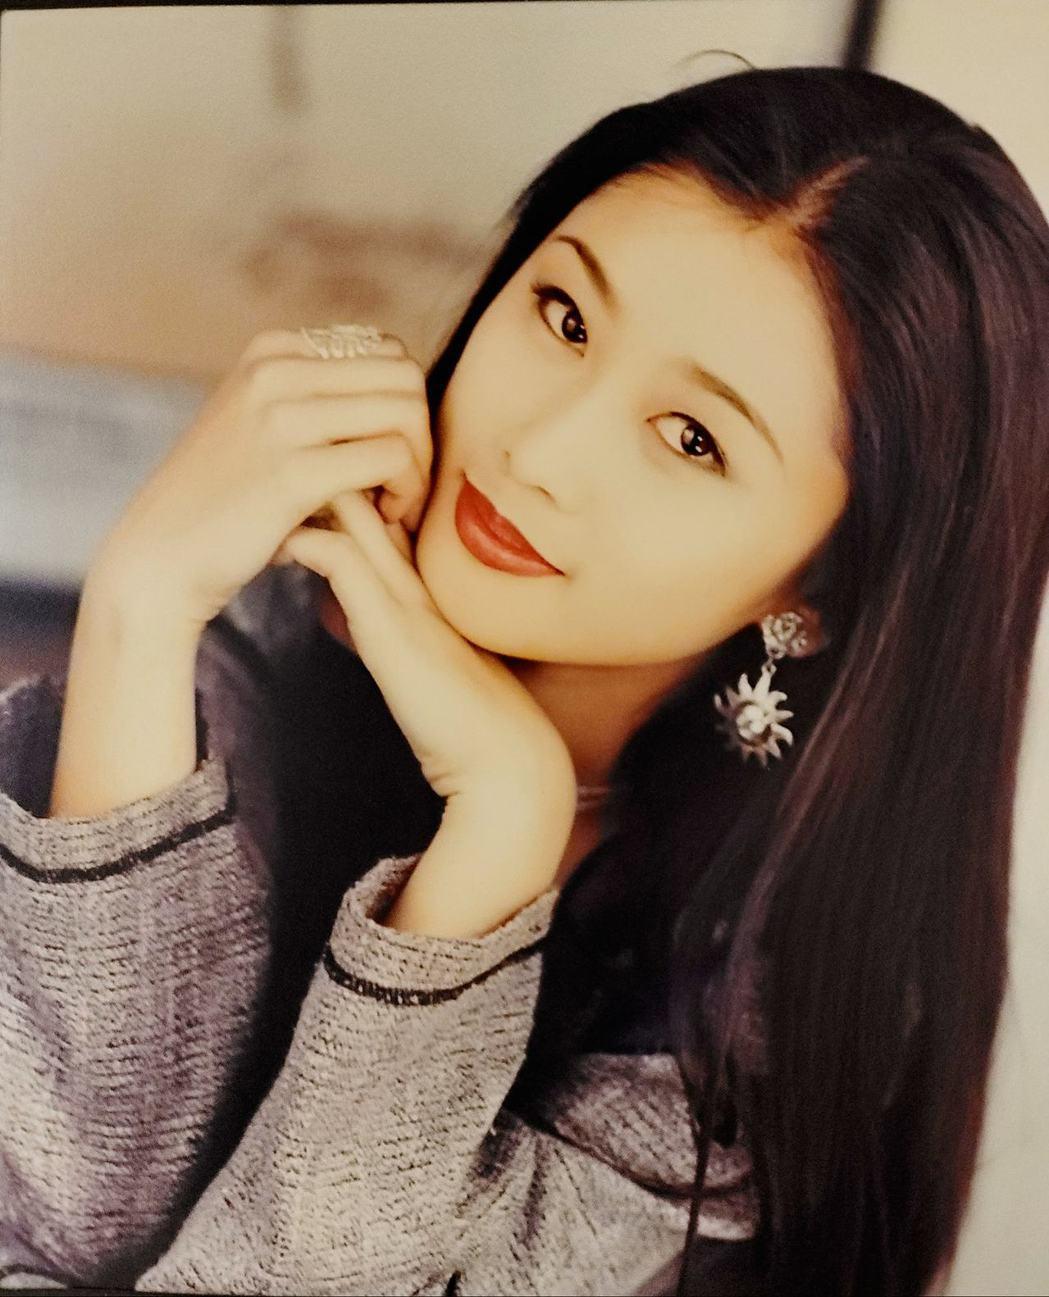 陳珮騏15歲時的照片。 圖/擷自陳珮騏臉書